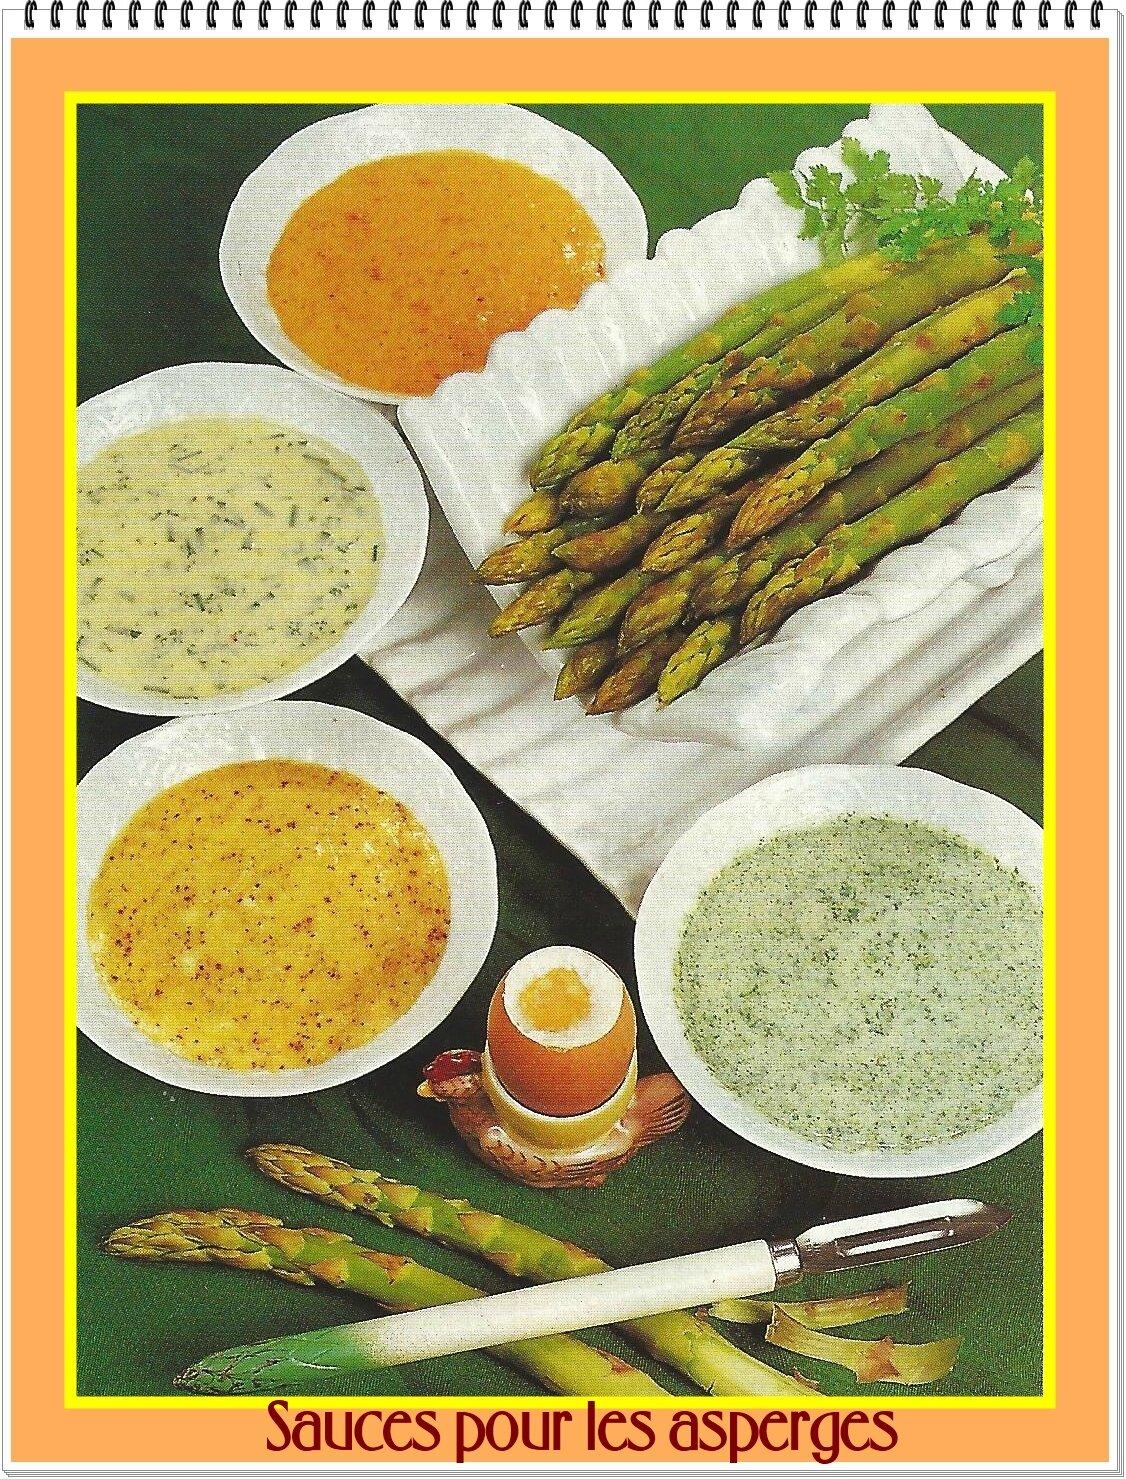 Des sauces en pagaille ! pour vos asperges ...